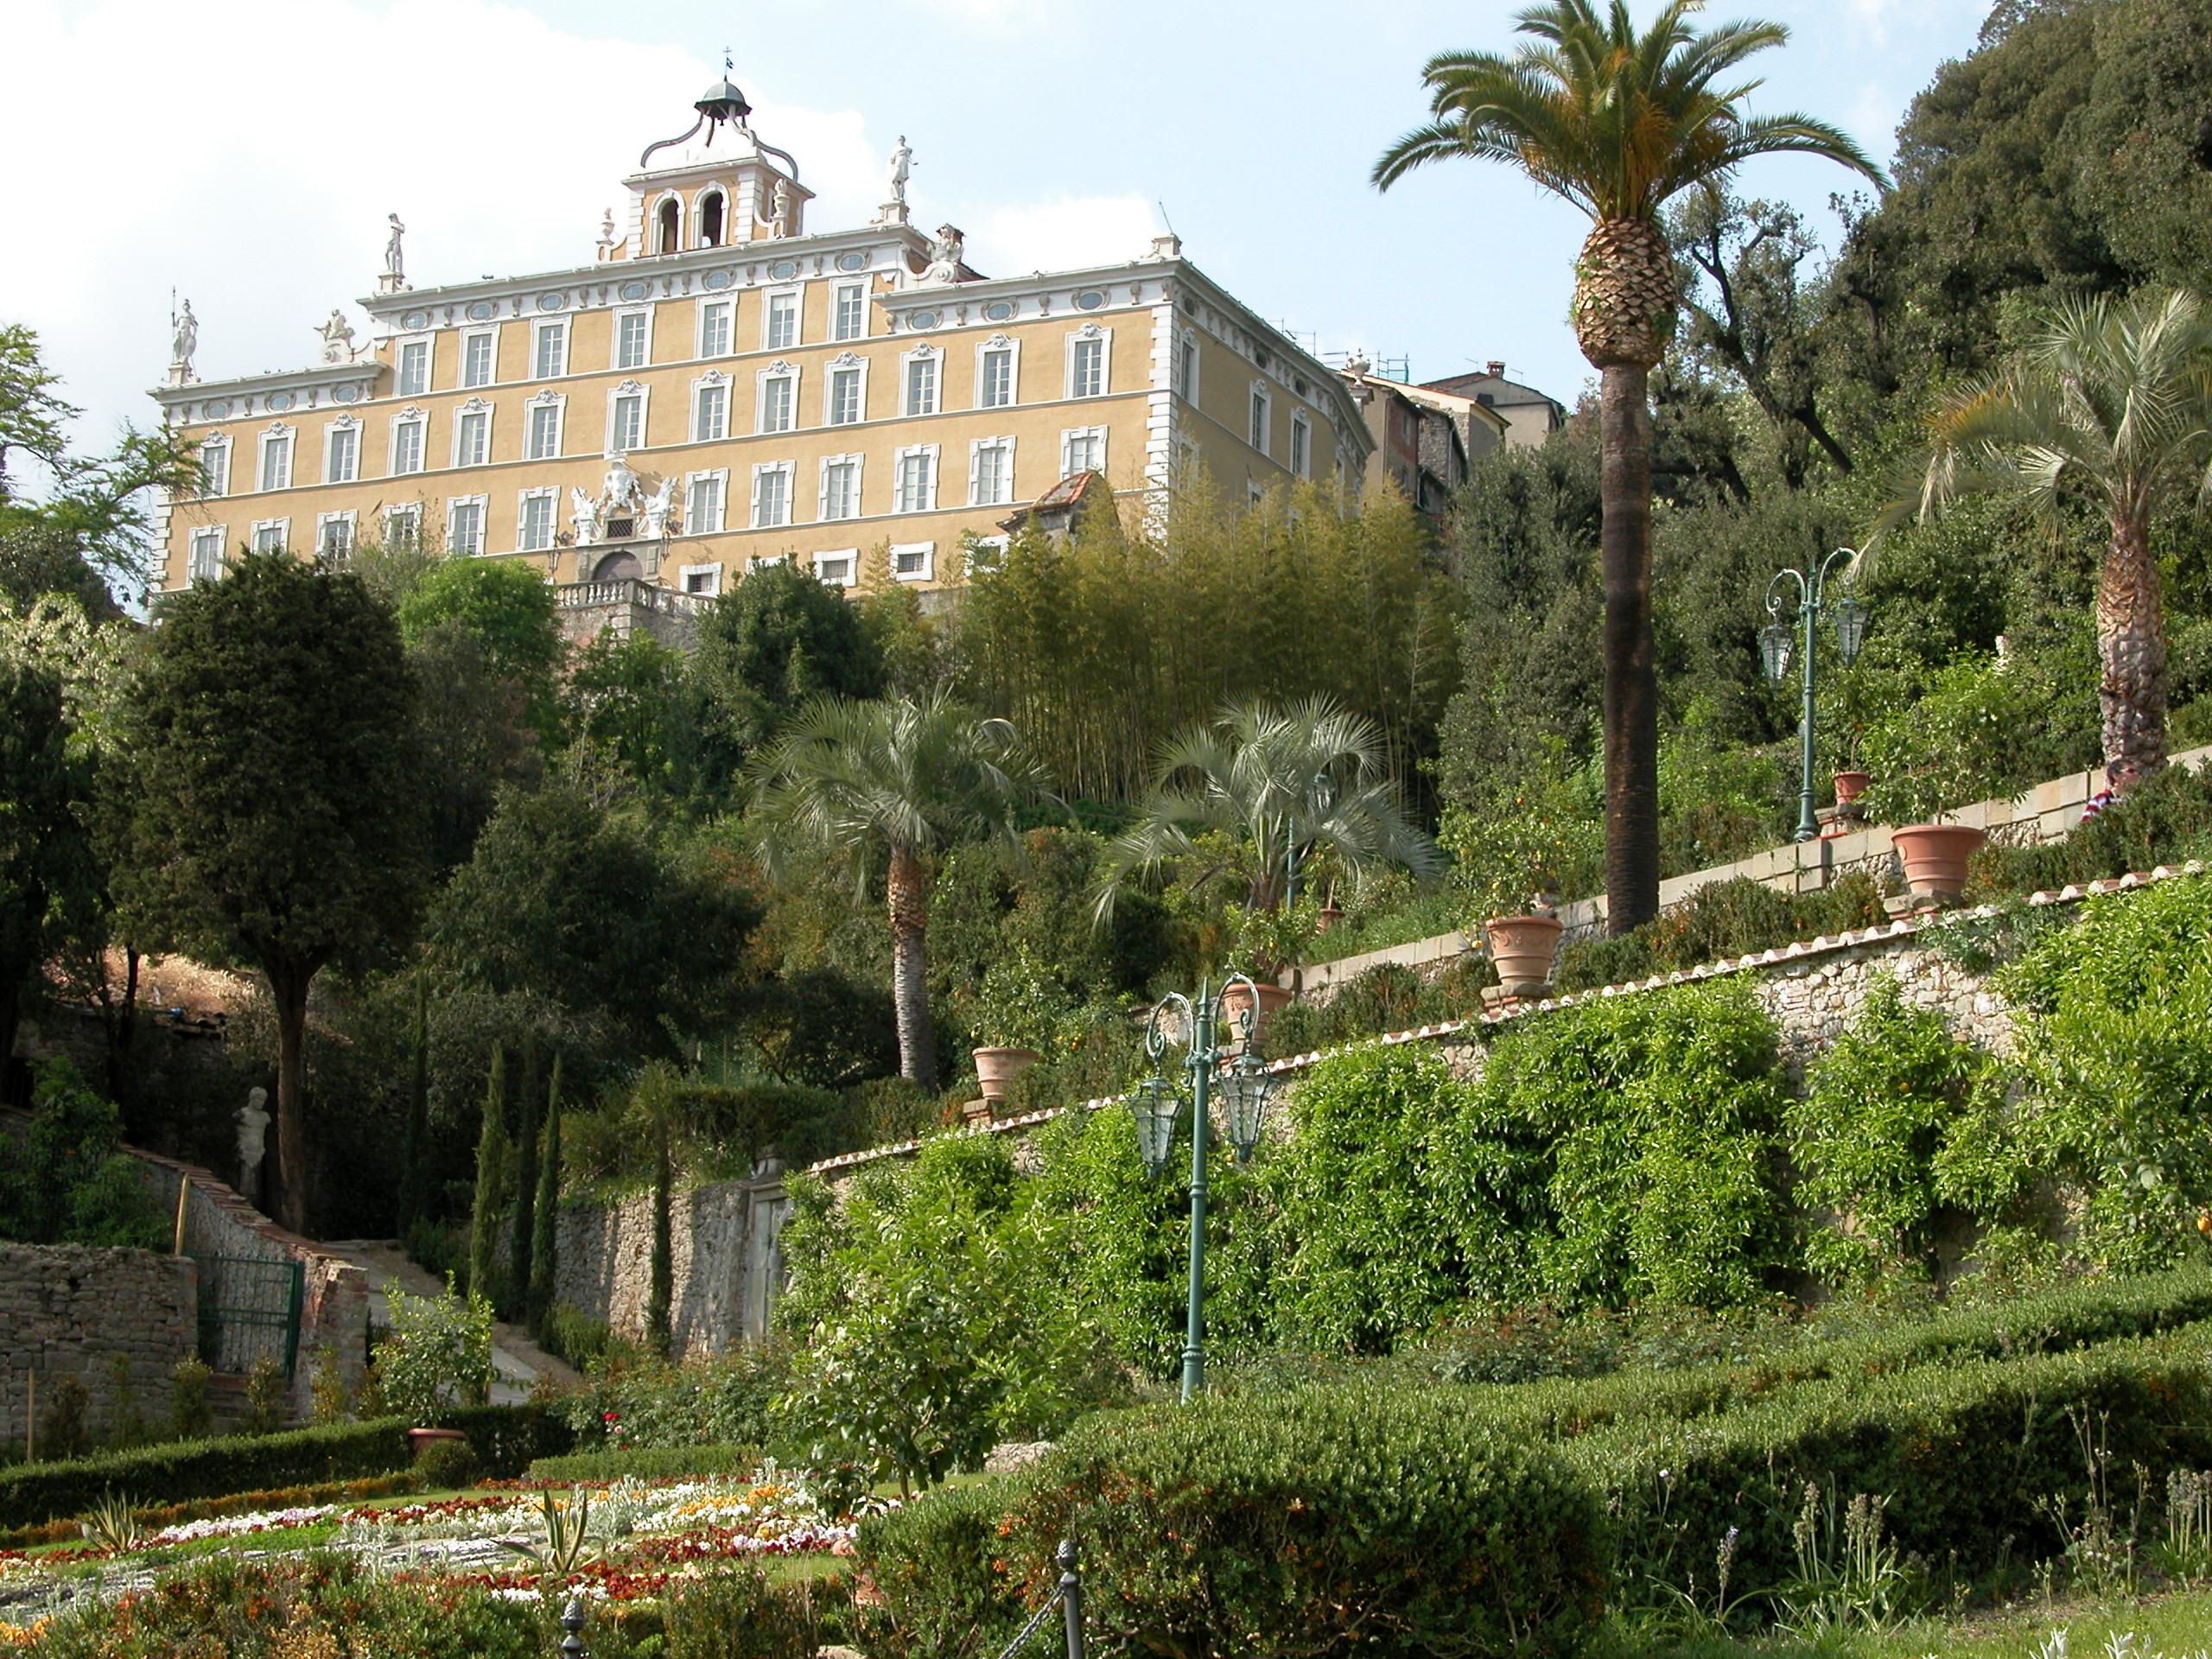 Villa Garzoni met zijn prachtige tuin